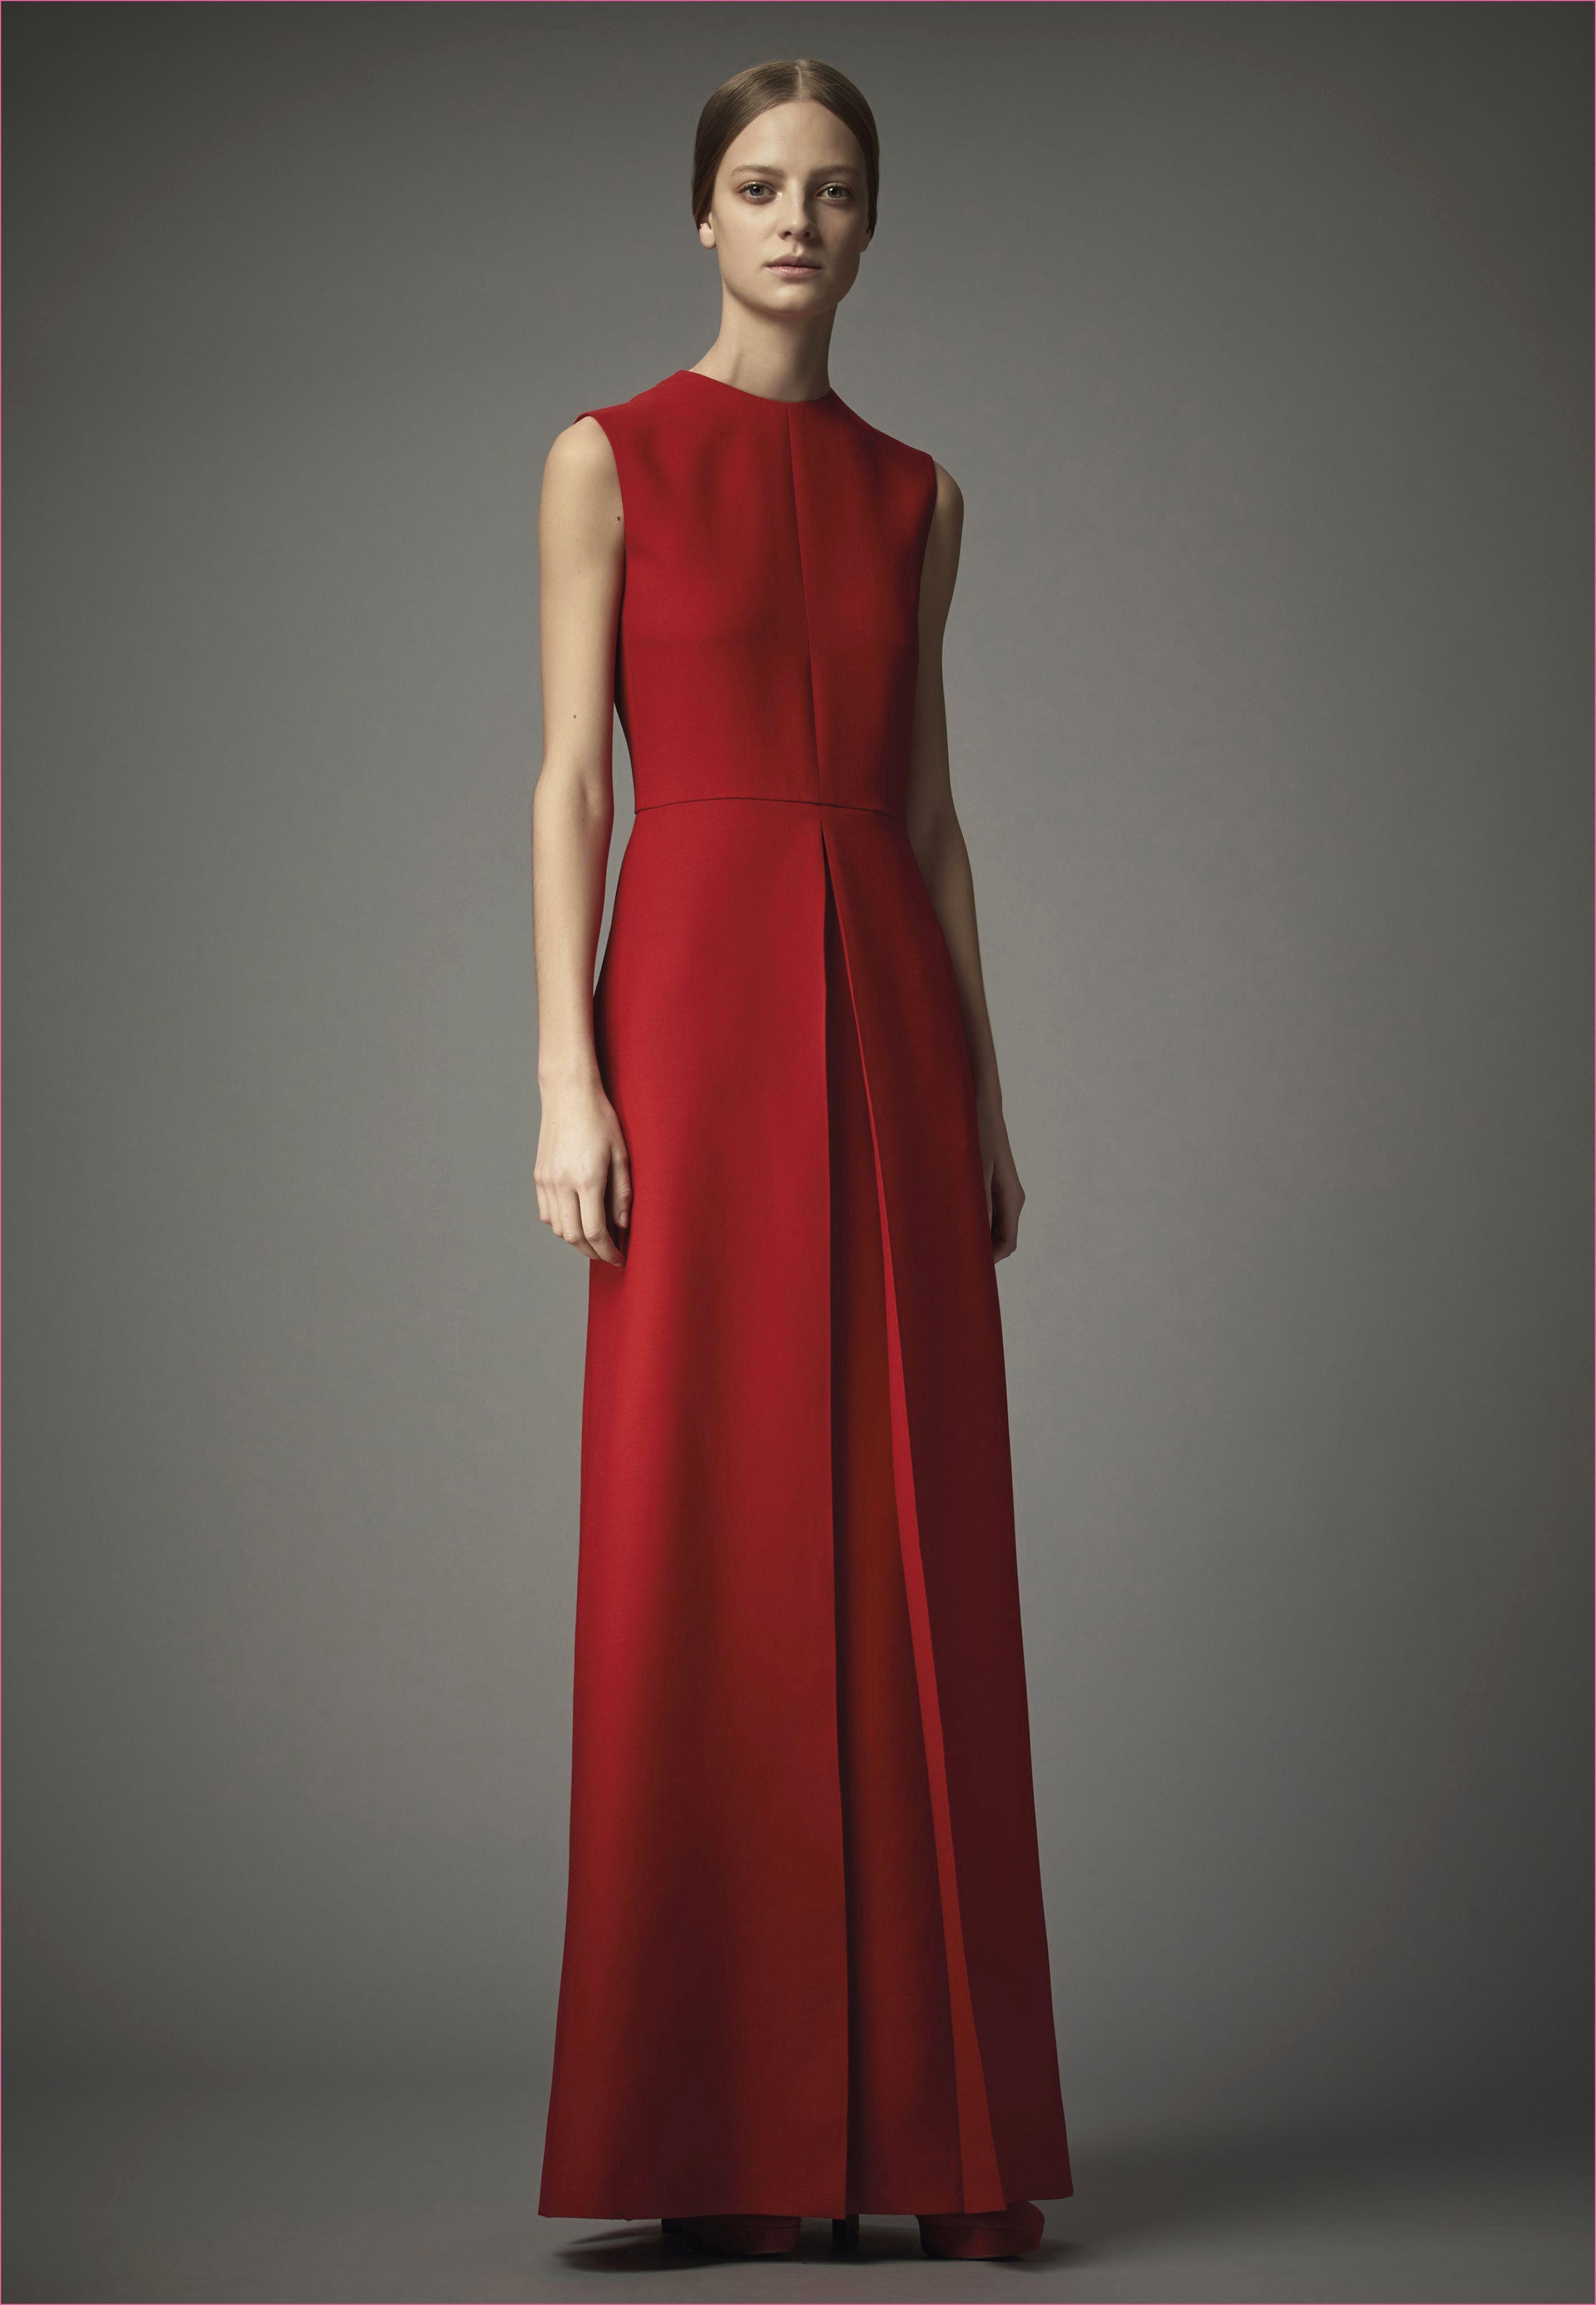 Italienische Abendkleider in 8  Modestil, Elegante